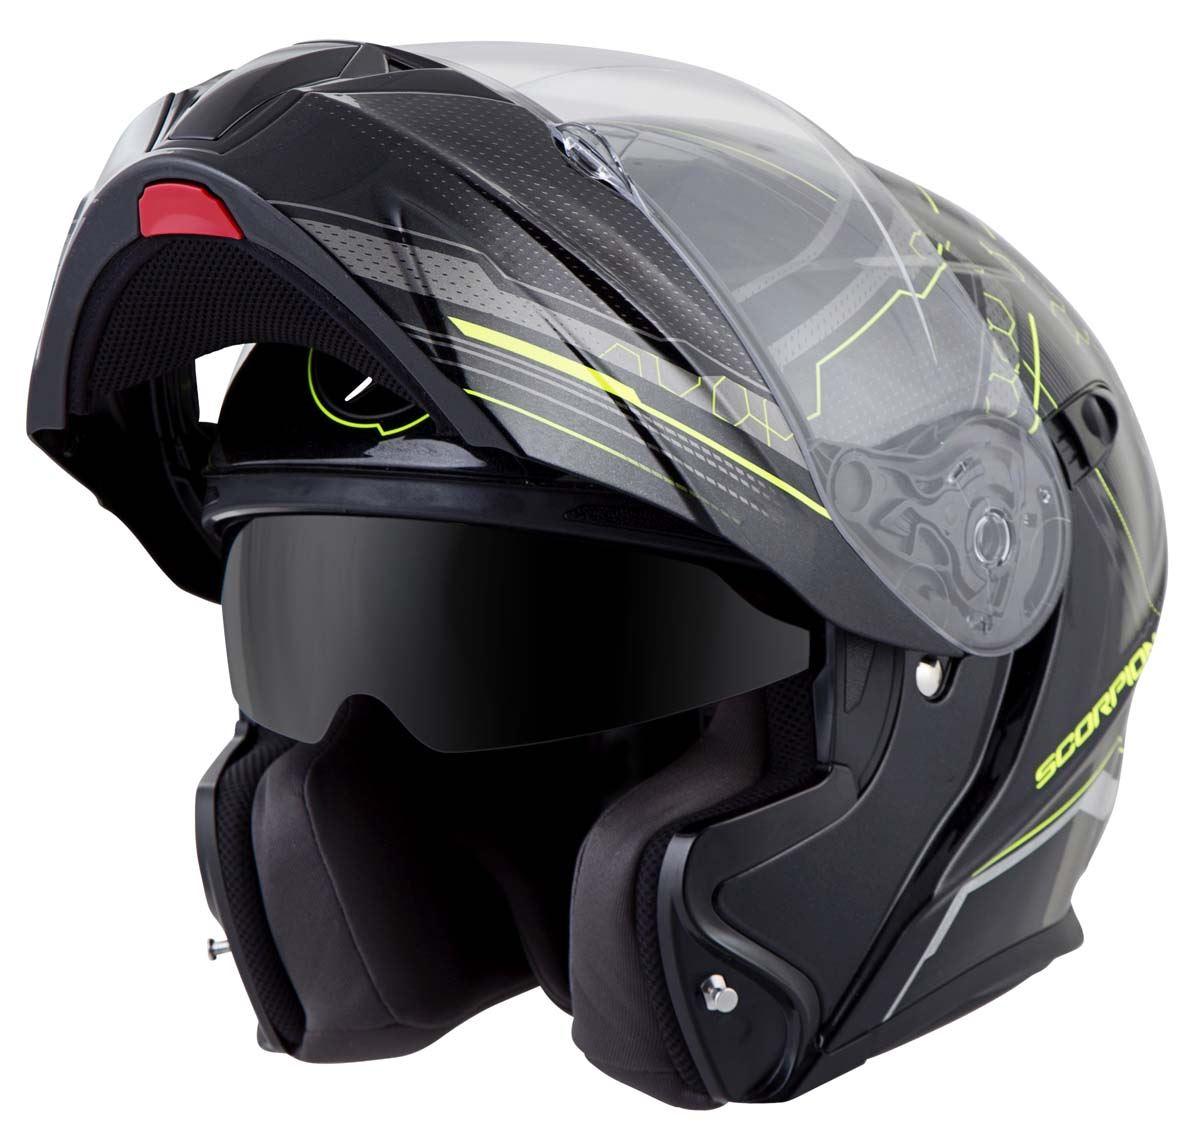 Scorpion-EXO-GT920-Helmet-Sport-Touring-Modular-Flip-Up-DOT-Approved-XS-3XL miniature 30